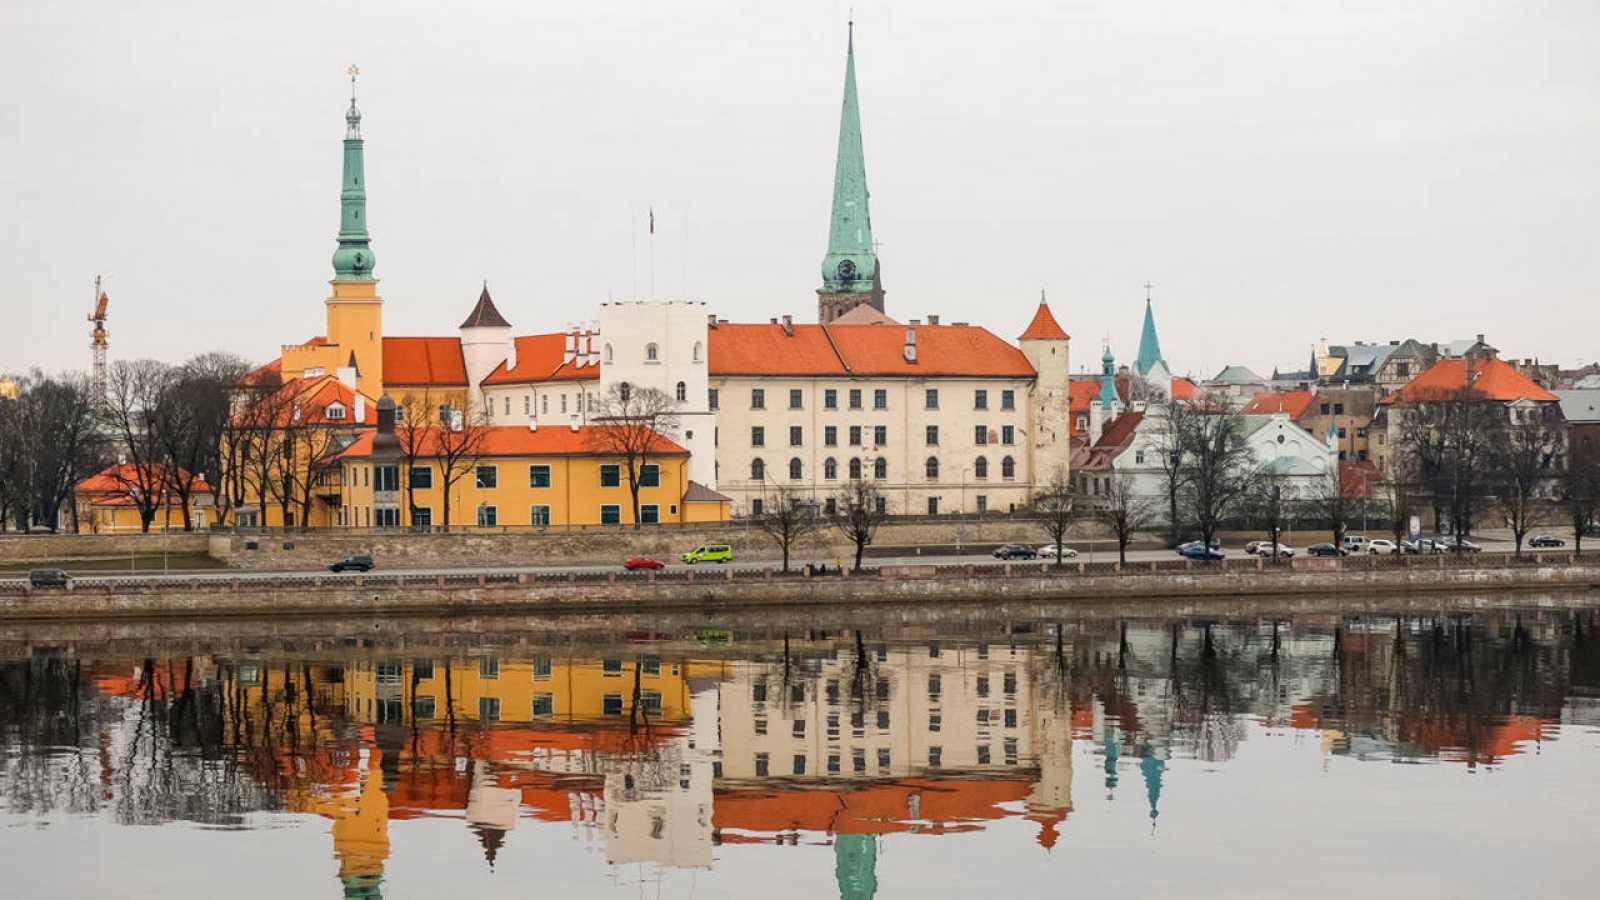 El castillo de Riga, residencia oficial del presidente de Letonia